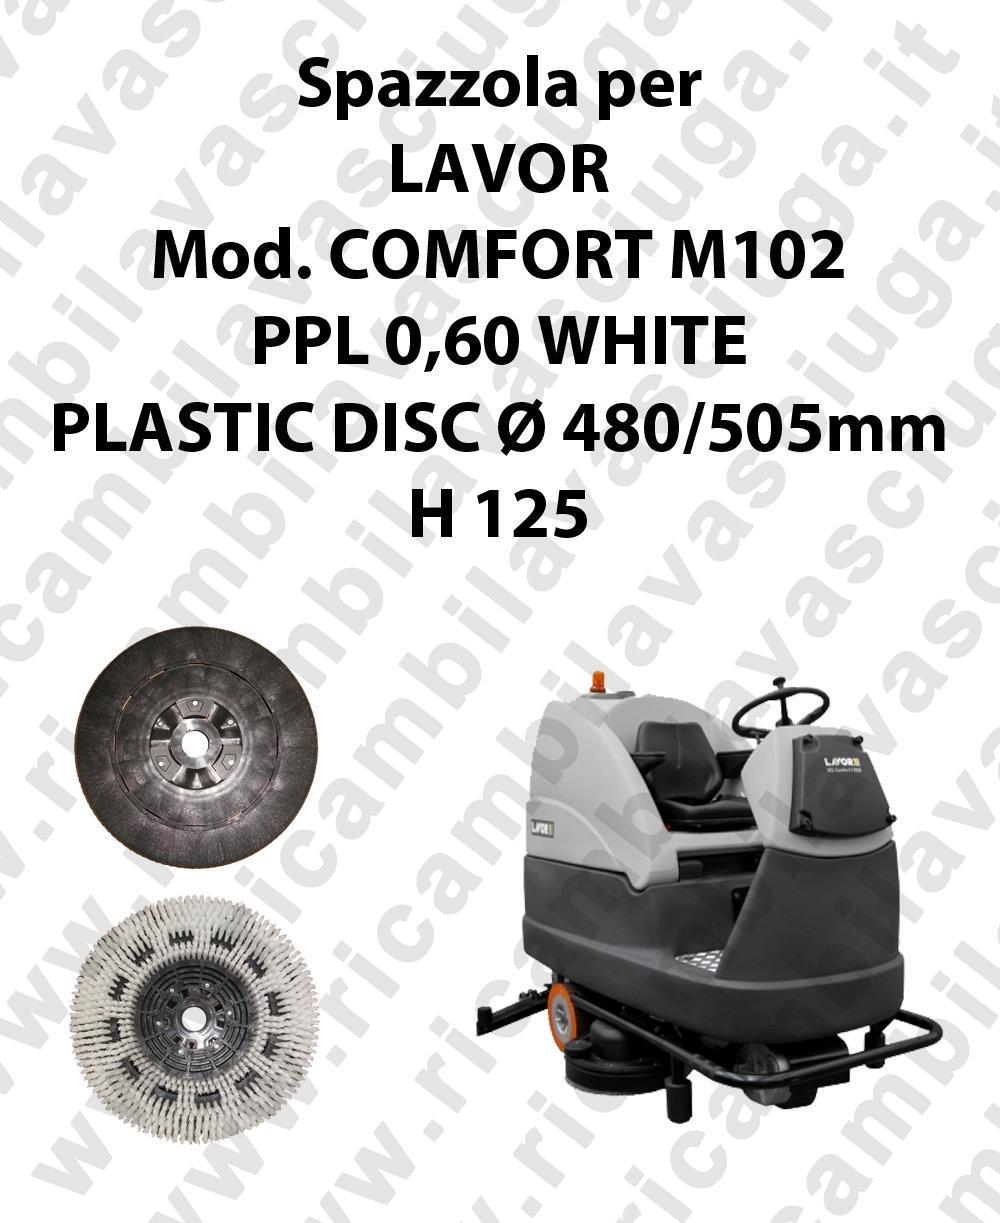 BROSSE A LAVER PPL 0,60 WHITE pour autolaveuses LAVOR Reference COMFORT M102